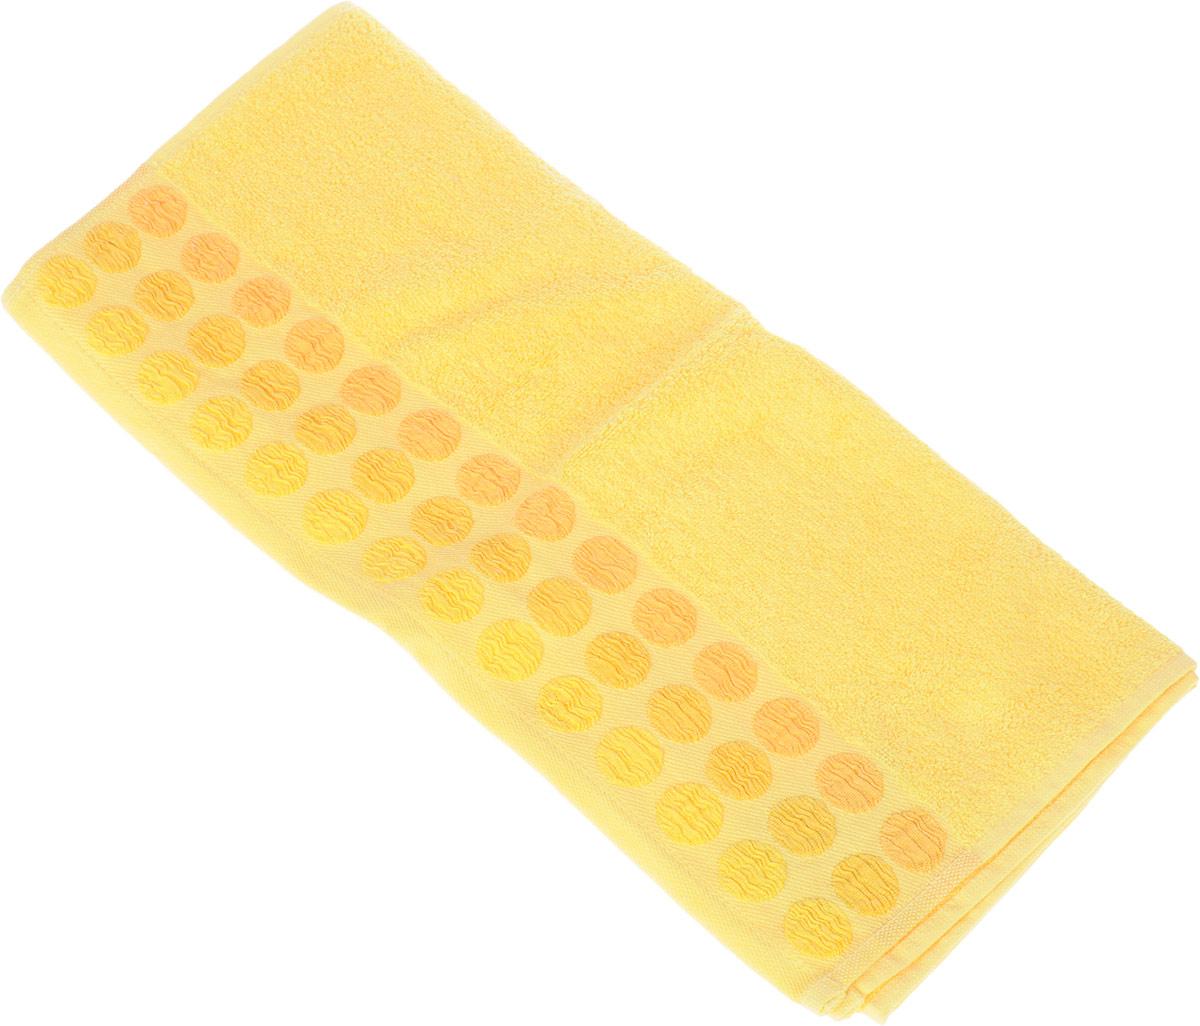 Полотенце Brielle Point, цвет: желтый, 50 х 90 см1207Полотенце Brielle Point выполнено из 100% хлопка. Изделие очень мягкое, оно отлично впитывает влагу, быстро сохнет, сохраняет яркость цвета и не теряет формы даже после многократных стирок. Модель оформлена рисунком.Полотенце Brielle Point очень практично и неприхотливо в уходе. Такое полотенце послужит приятным подарком.